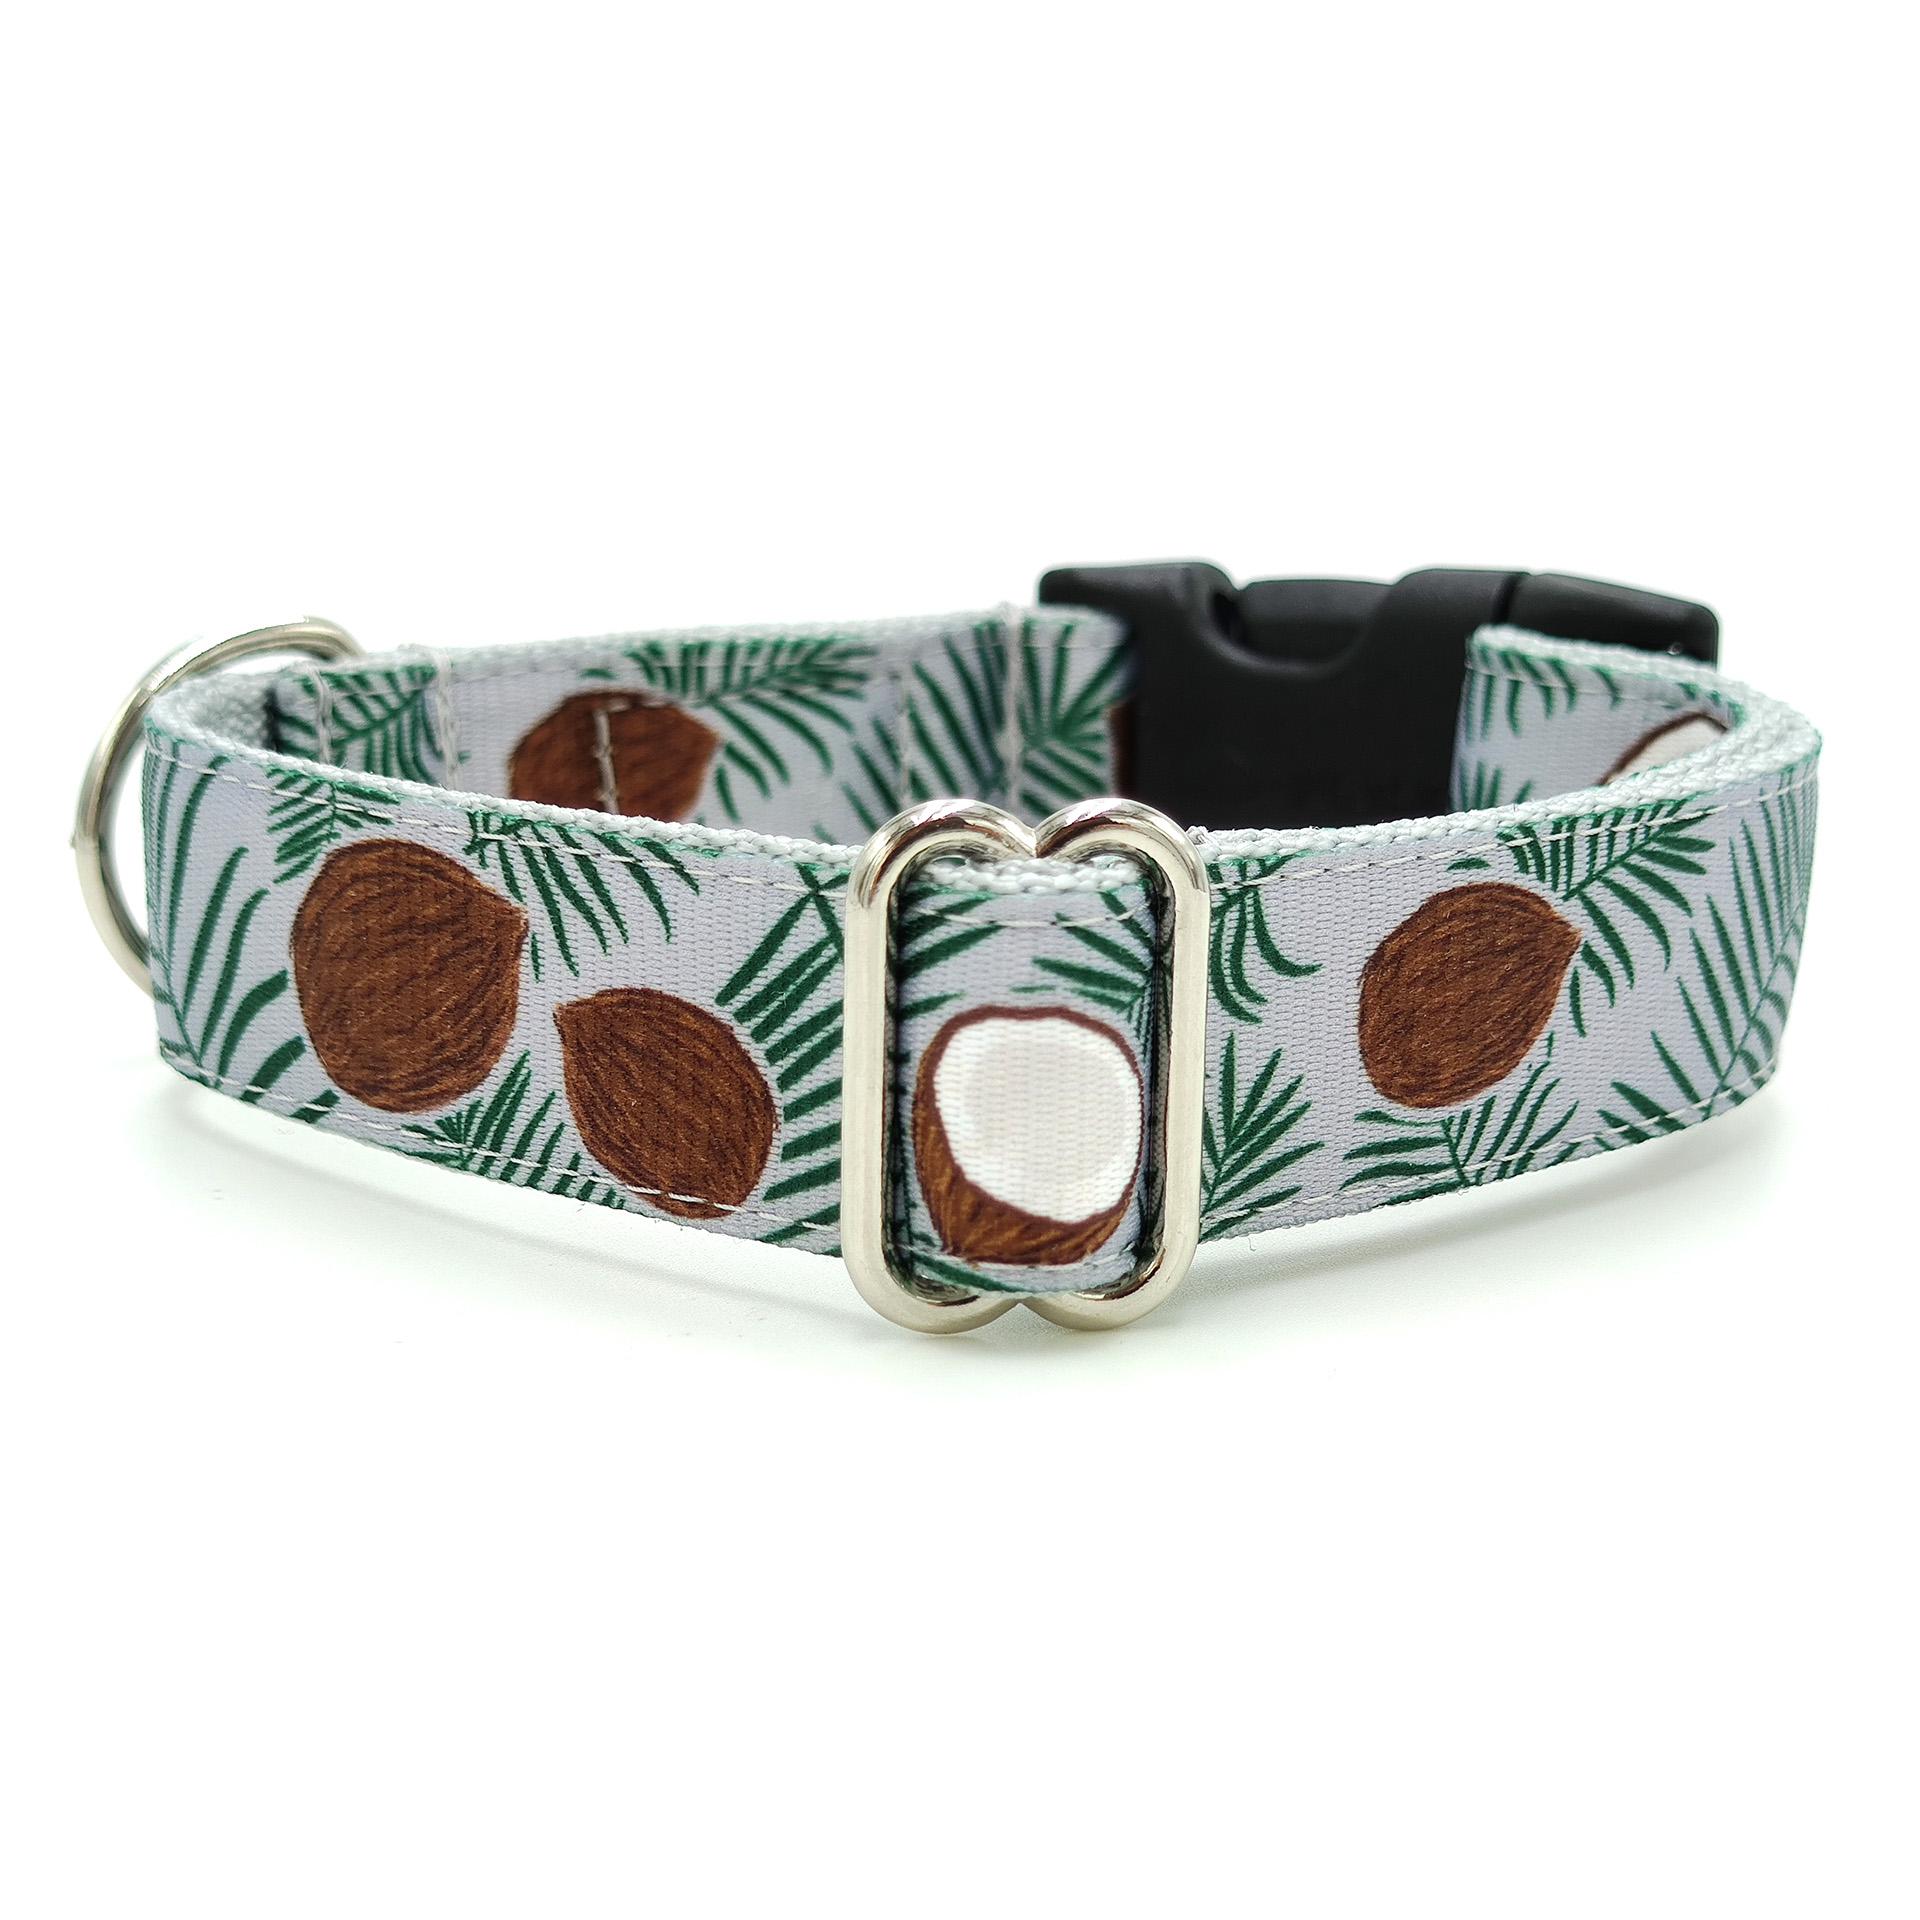 Coconut dog collar